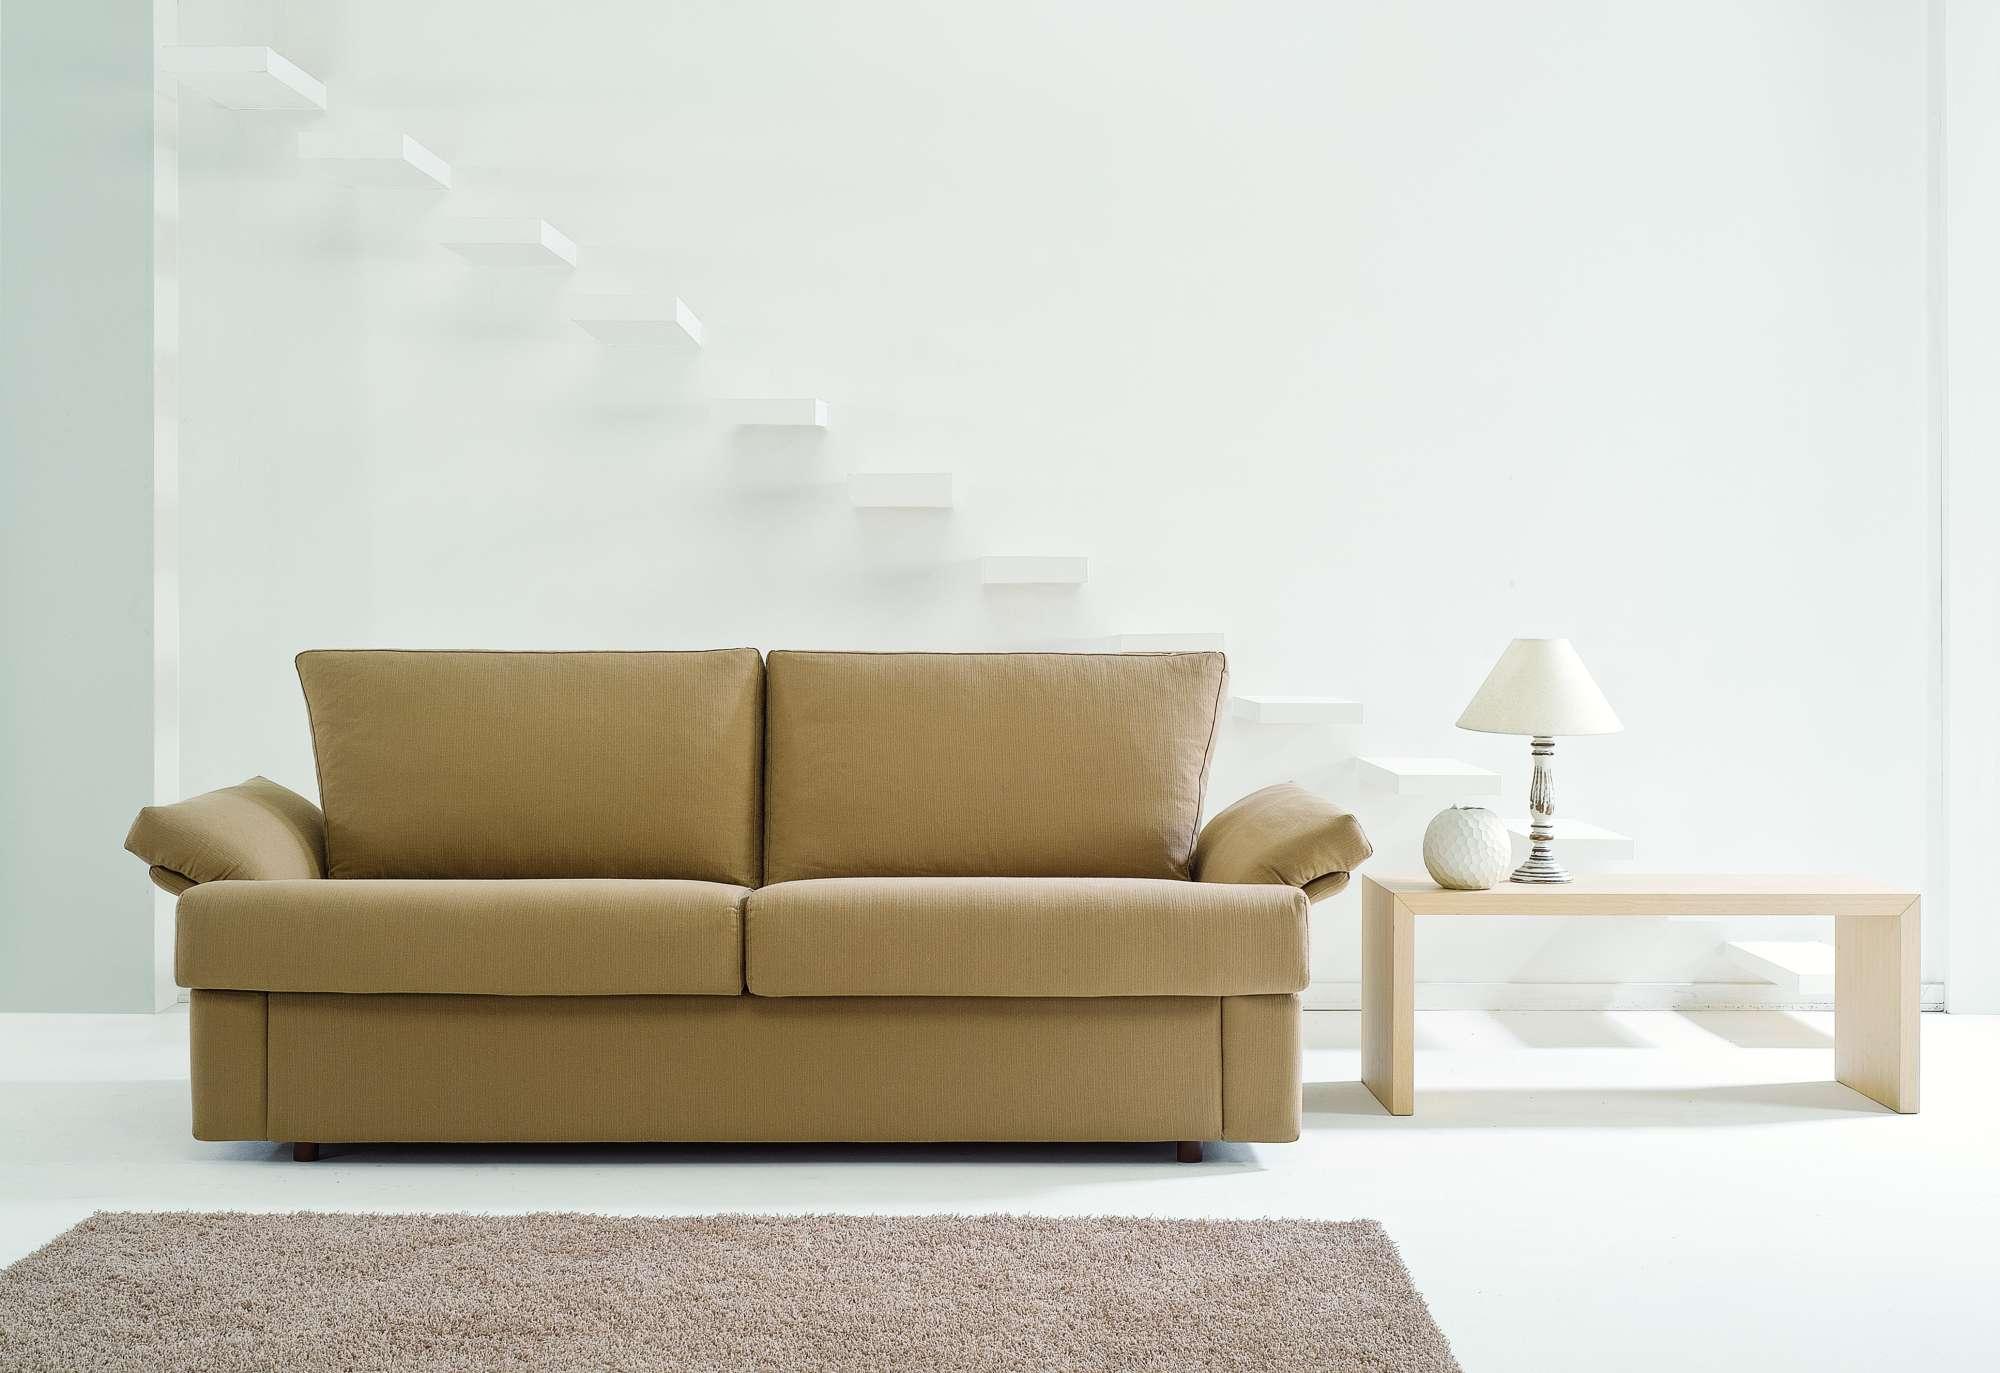 Victor divani letto con chaise longue collezione moderni for Divani moderni con chaise longue